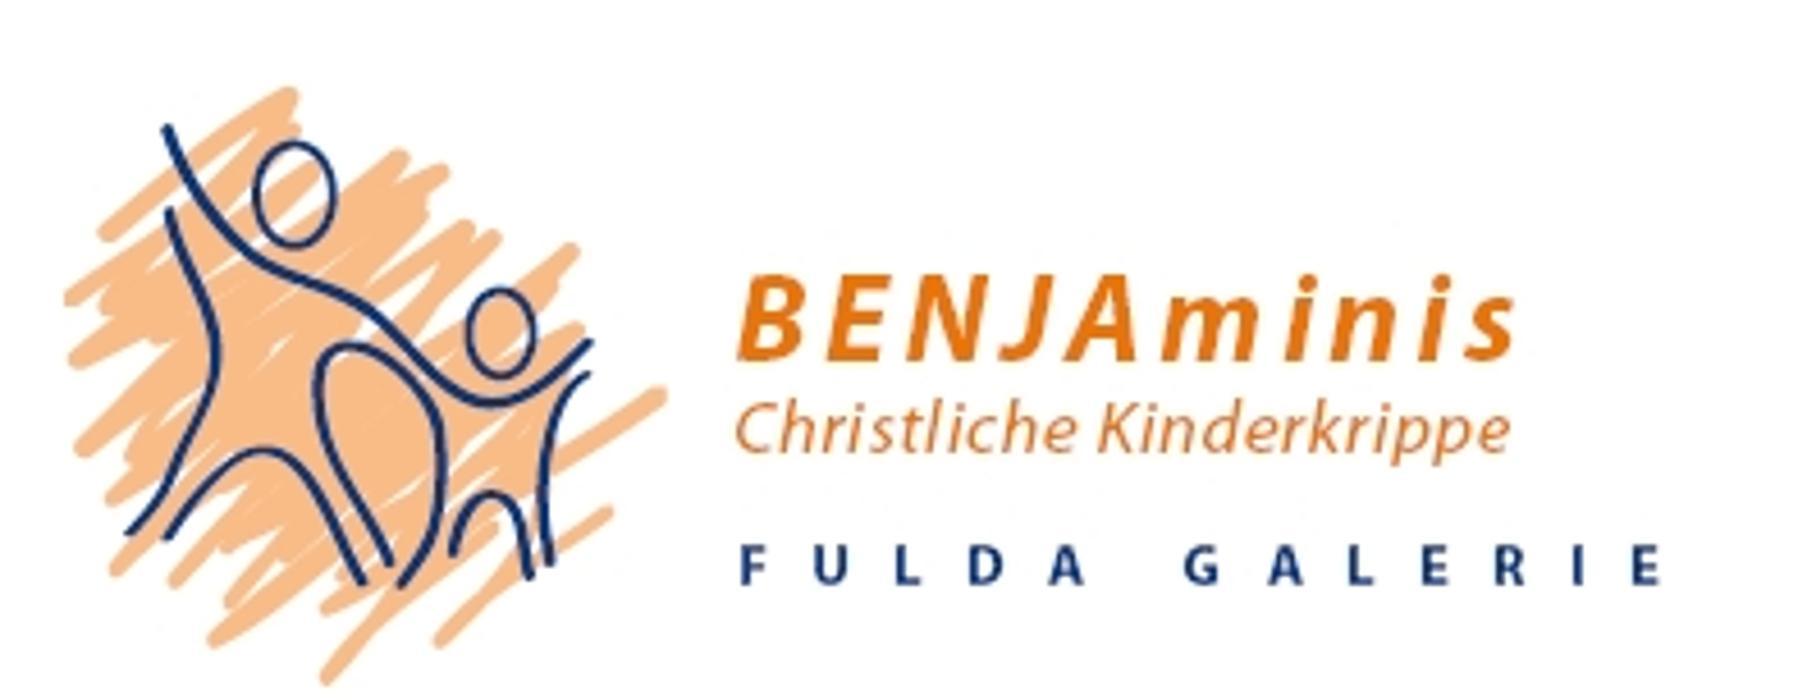 Logo von BENJAminis Kindertagesstätte